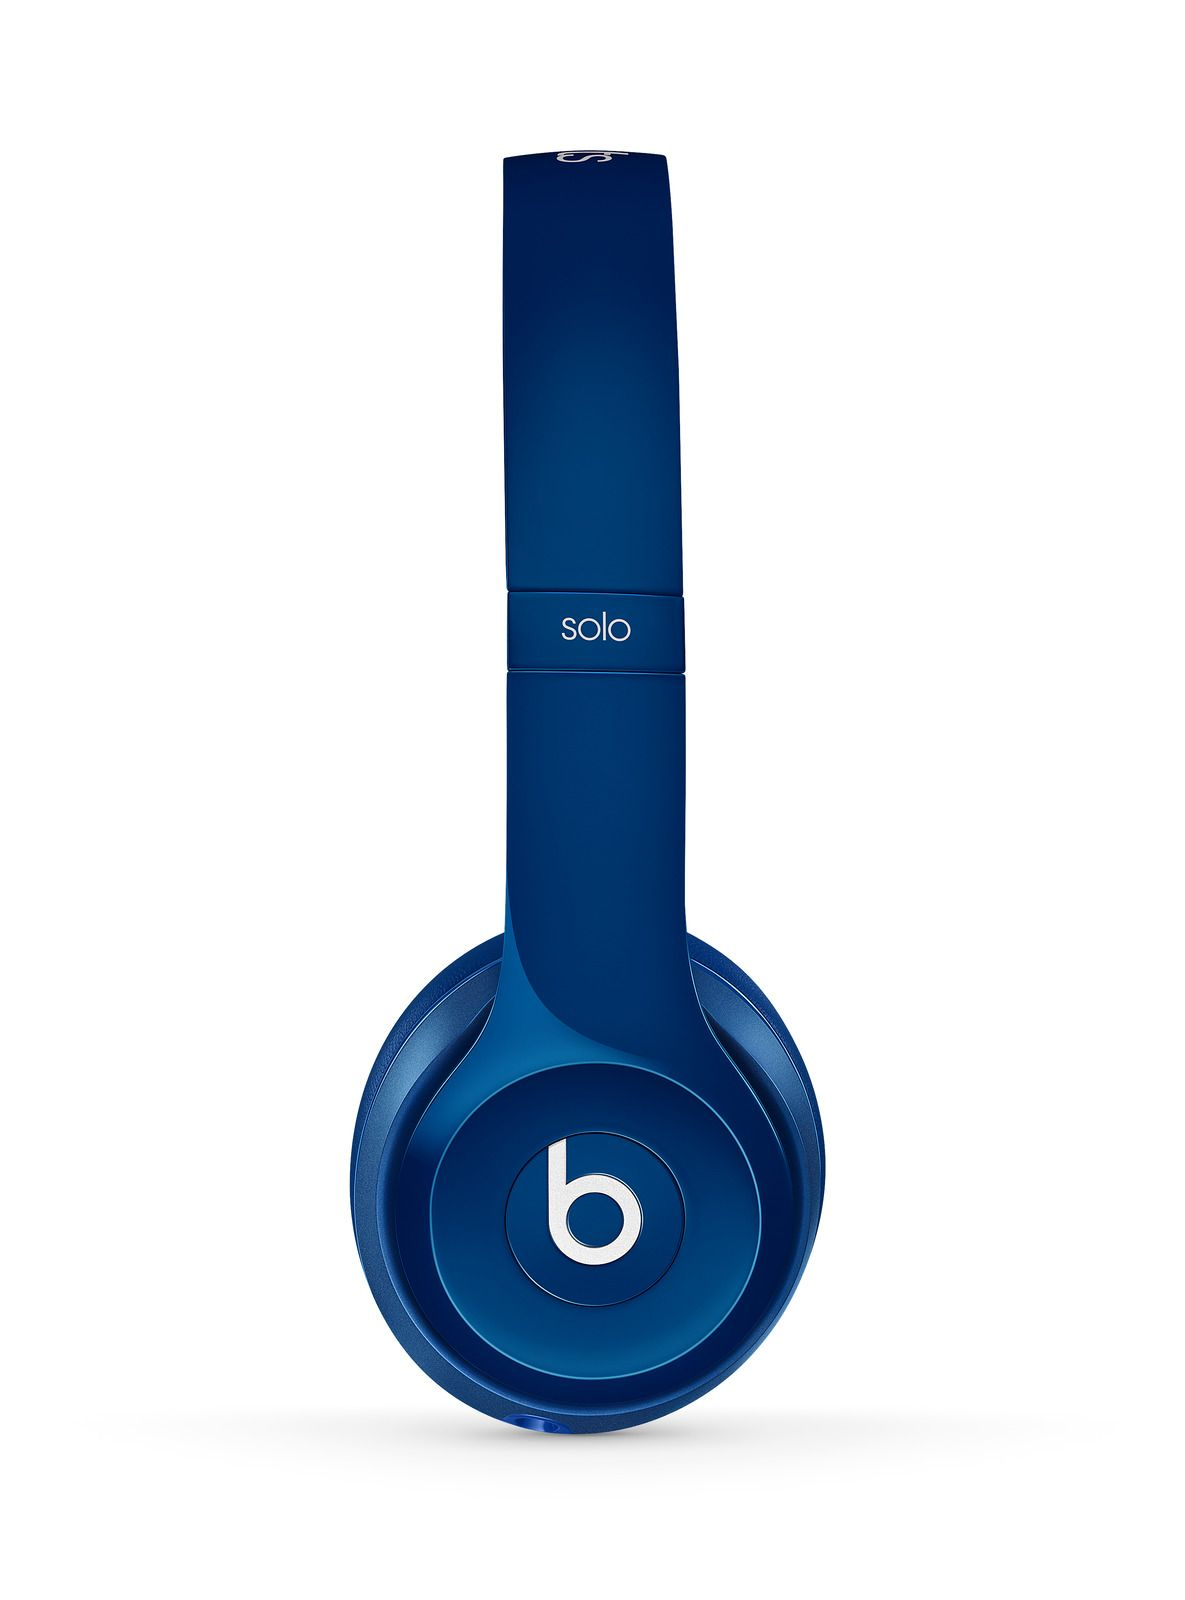 Beats by Dr. Dre - Solo2 A kívül-belül újratervezett Solo2 fejhallgató jobb  akusztikát és tisztább hangzást biztosít. Letisztult 09a21529b2